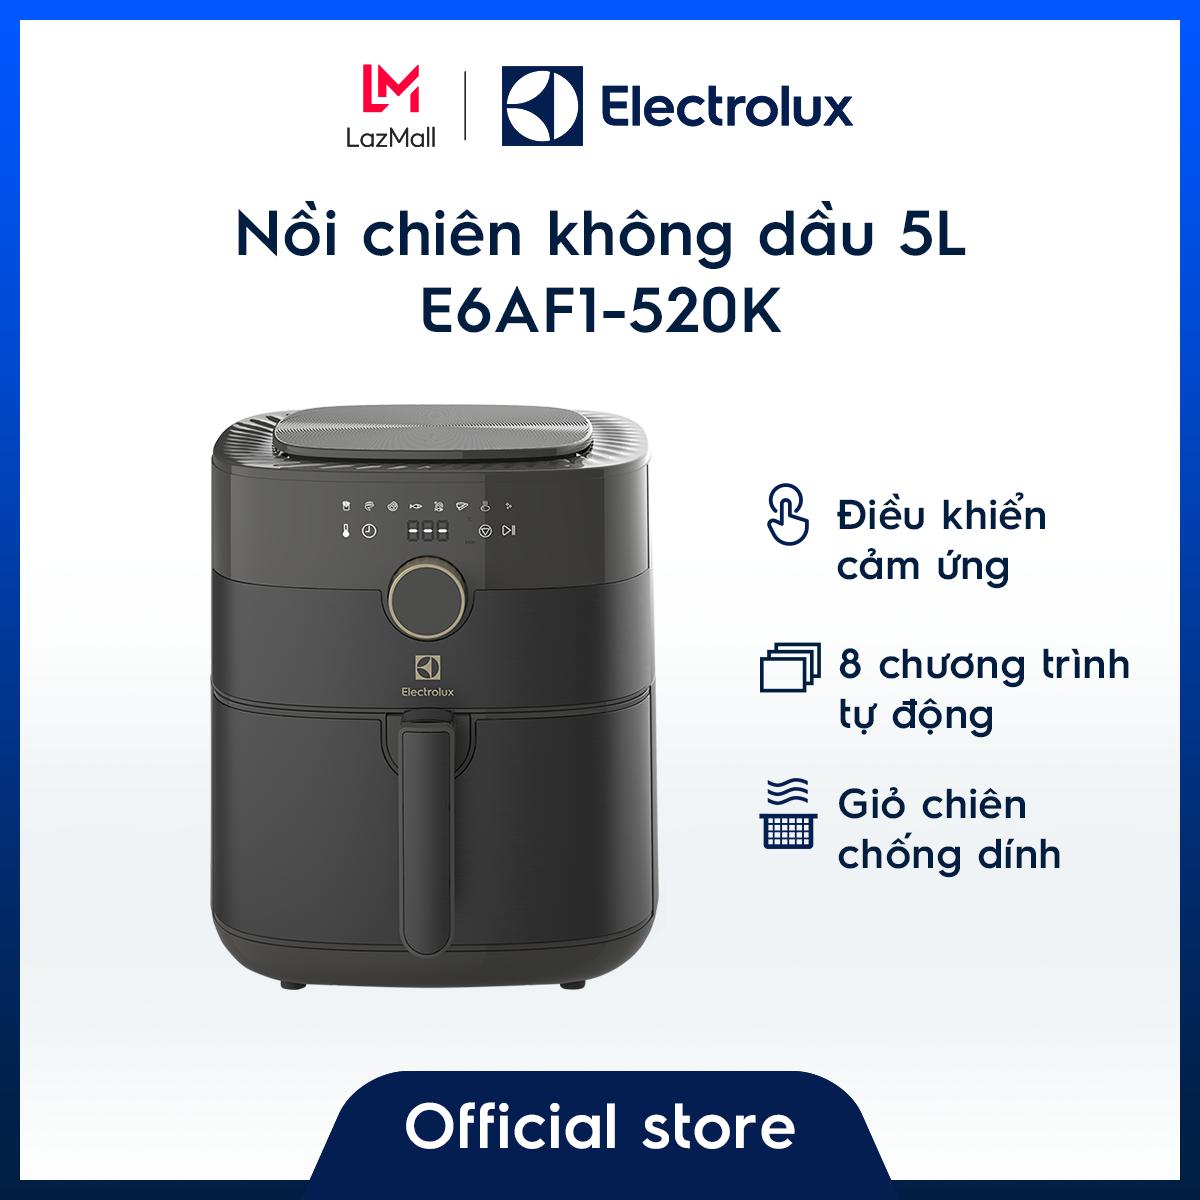 Nồi chiên không dầu 5L Electrolux E6AF1-520K – Thiết kế sang trọng – Điều khiển cảm ứng điện tử - 8 chương trình tự động - Hàng chính hãng